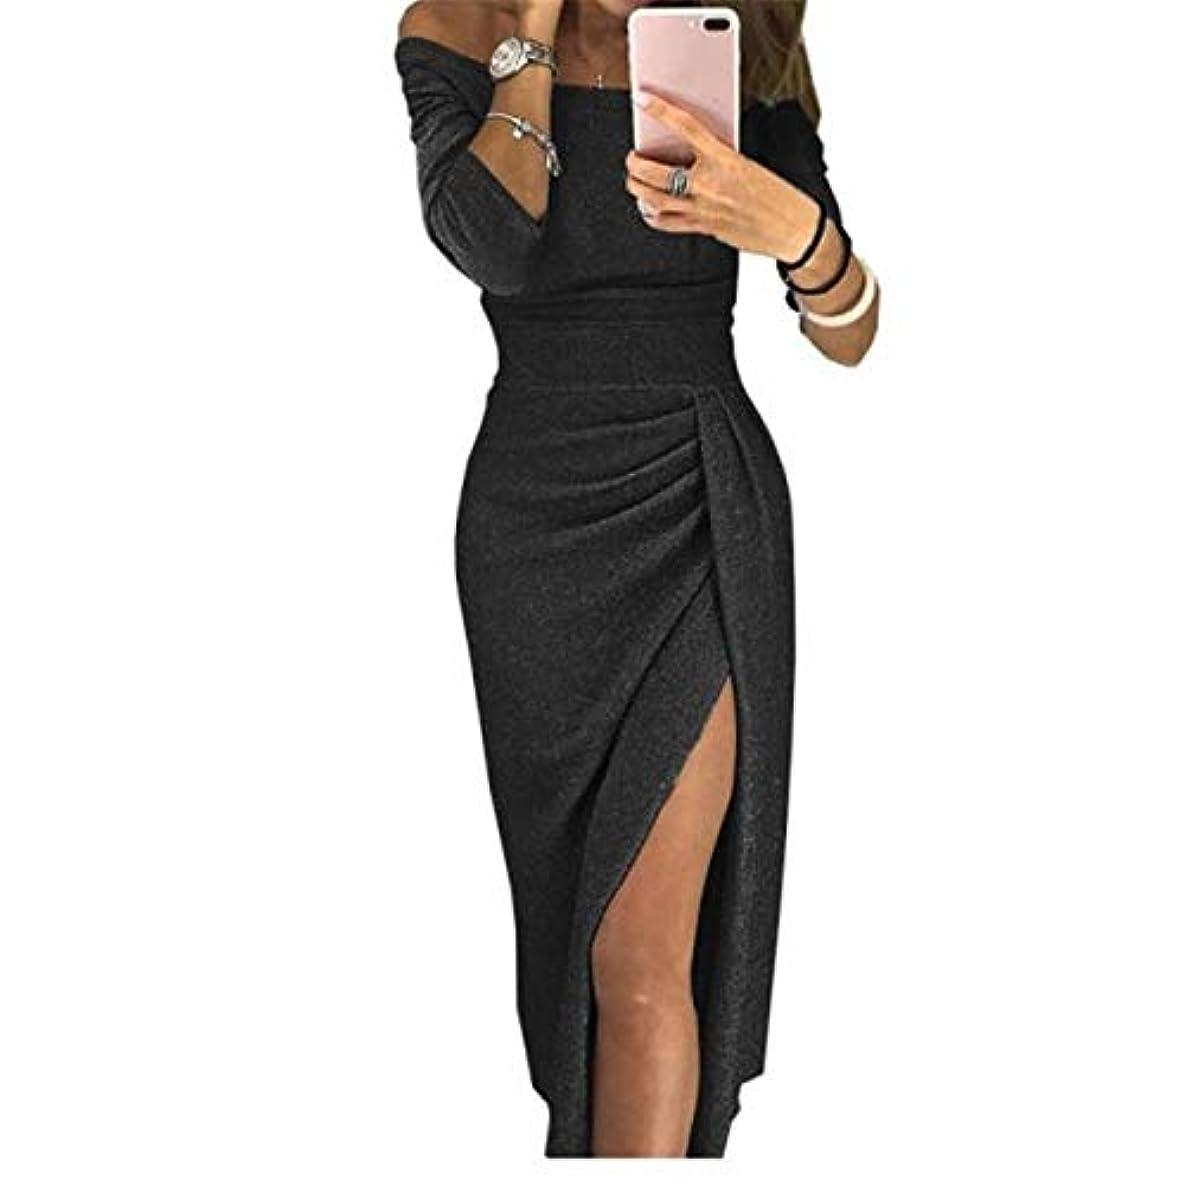 生産性細断追加するOnderroa - 夏の女性のドレスはネックパッケージヒップスプリットセクシーなスパンコールのドレスレディース包帯パーティーナイトクラブミッドカーフ服装スラッシュ